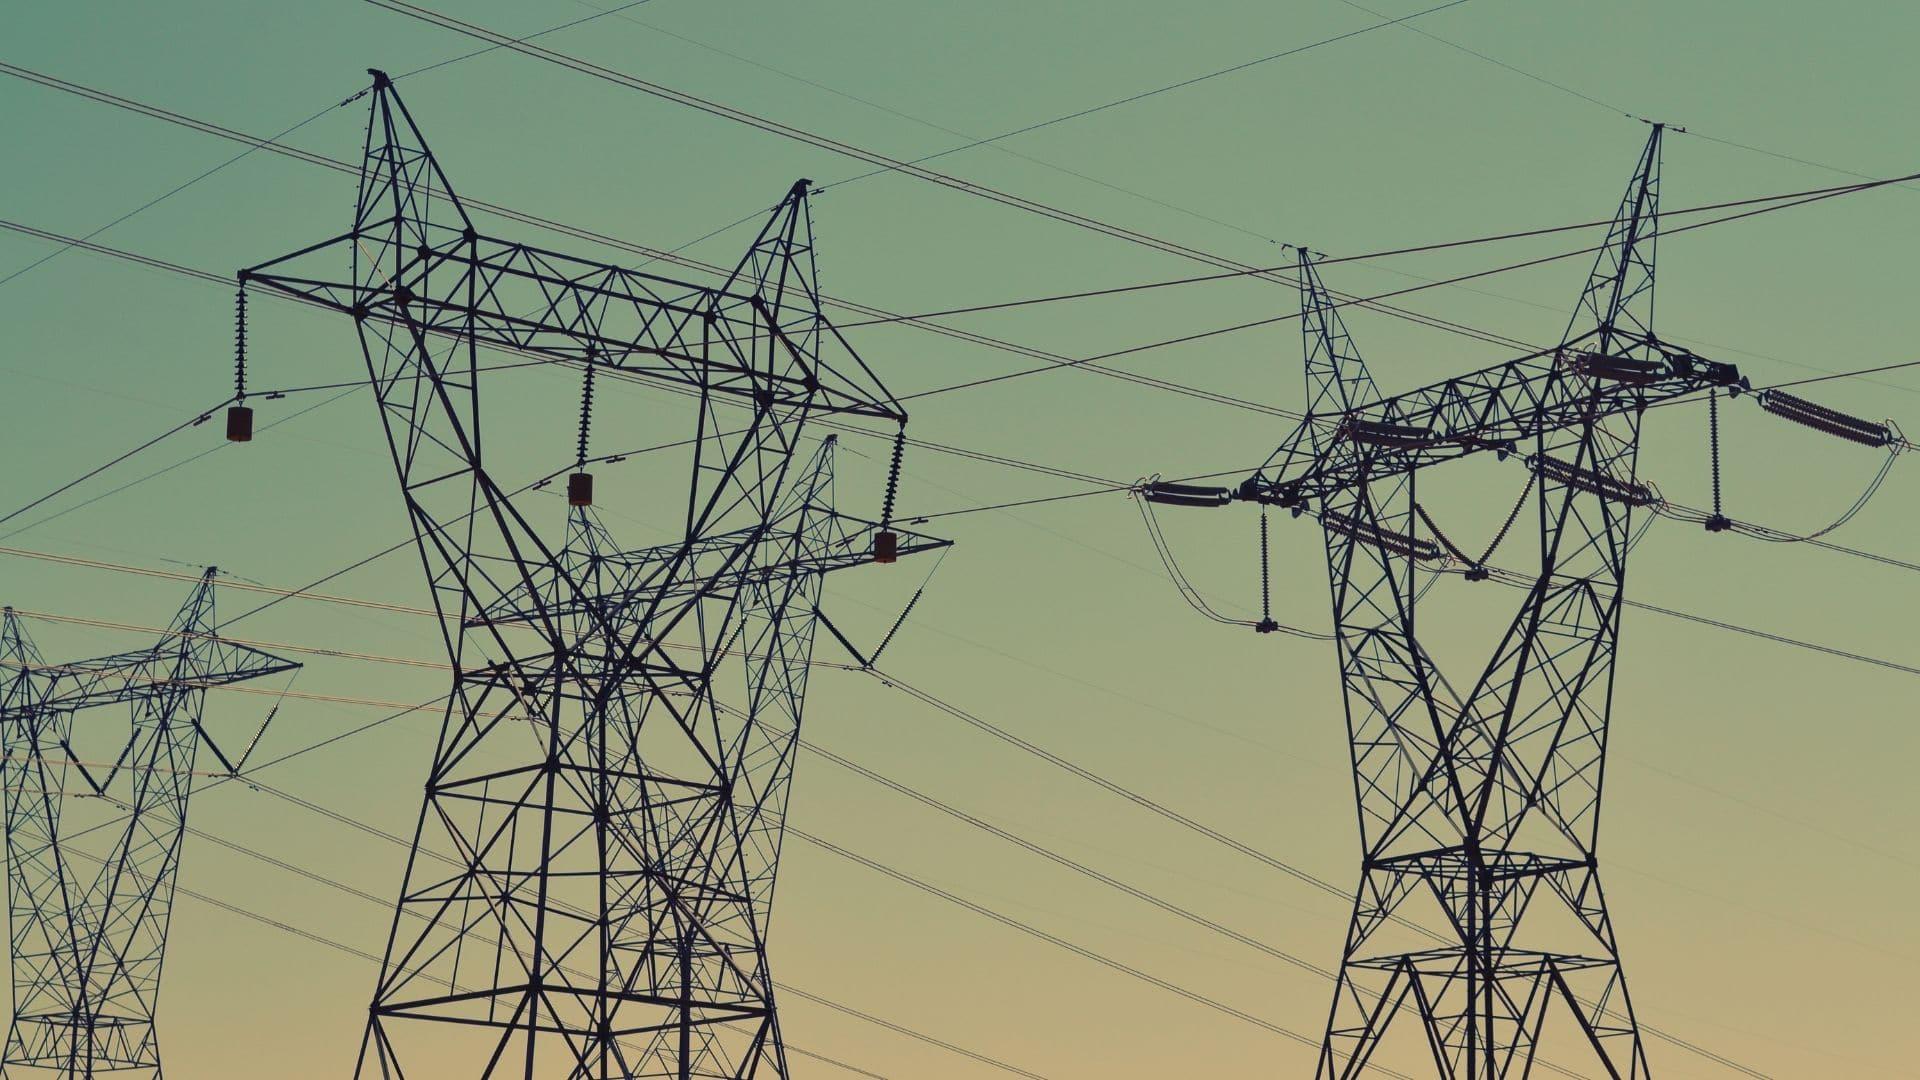 ENERGIA ELÉTRICA: Norma que altera ICMS sobre operações interestaduais é contestada no STF